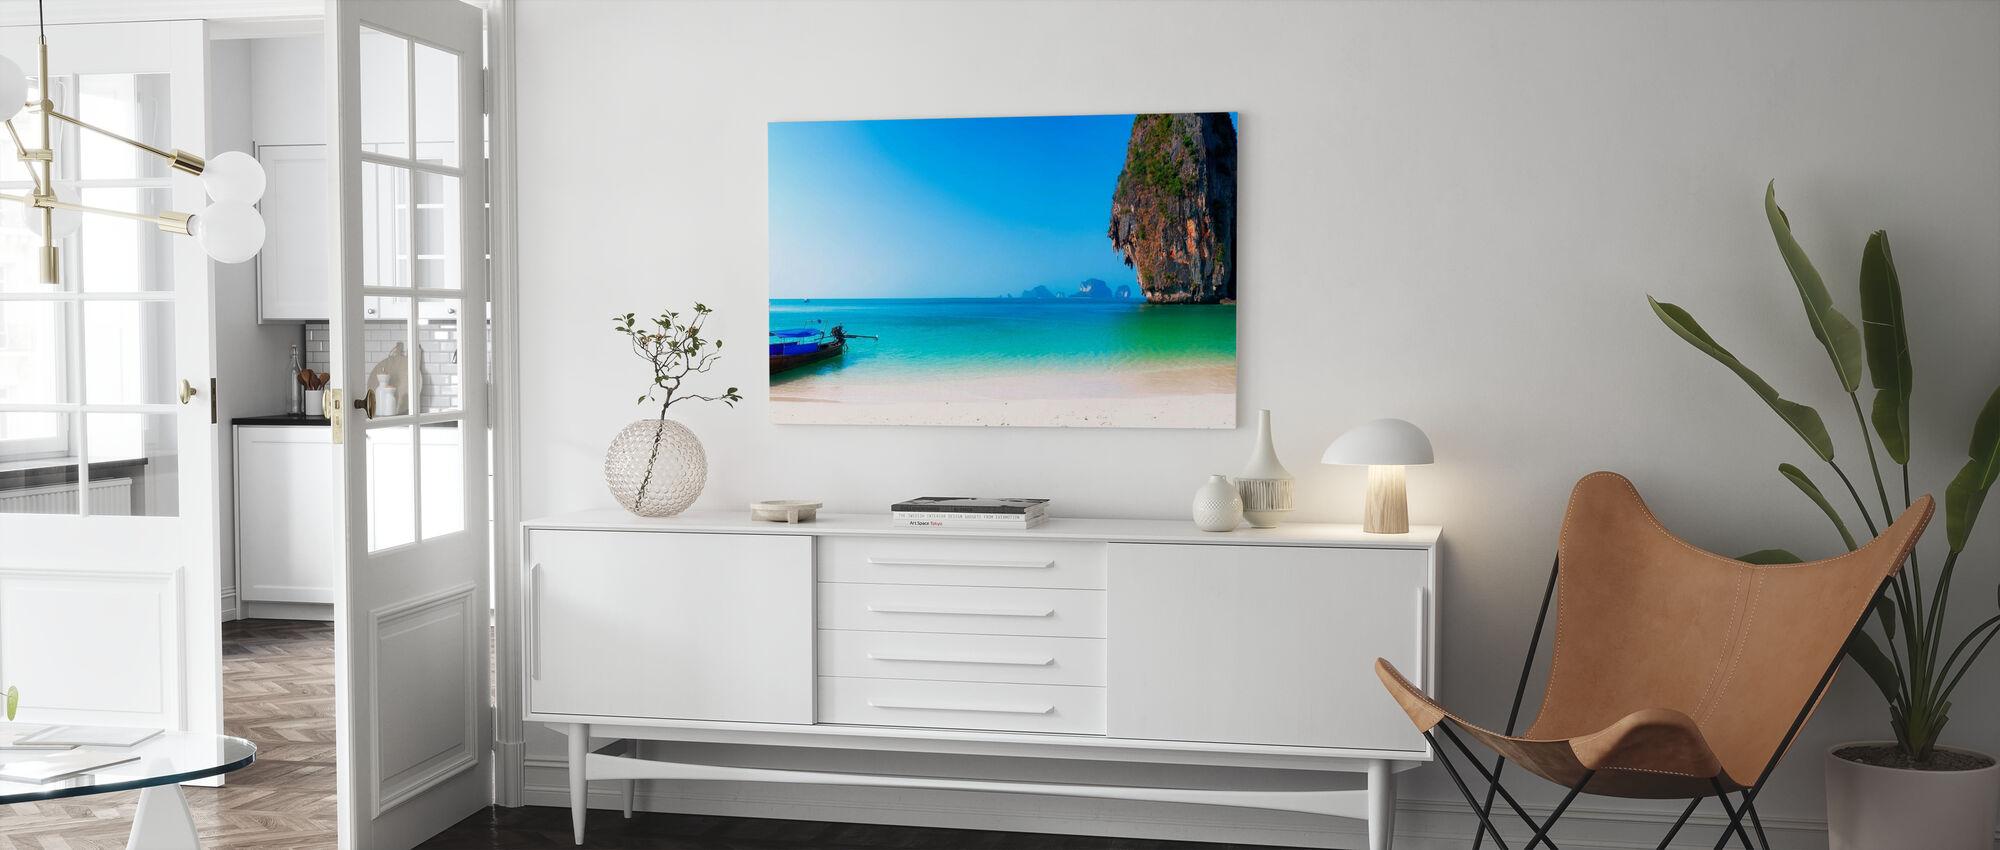 Thailand Island Beach - Canvas print - Living Room